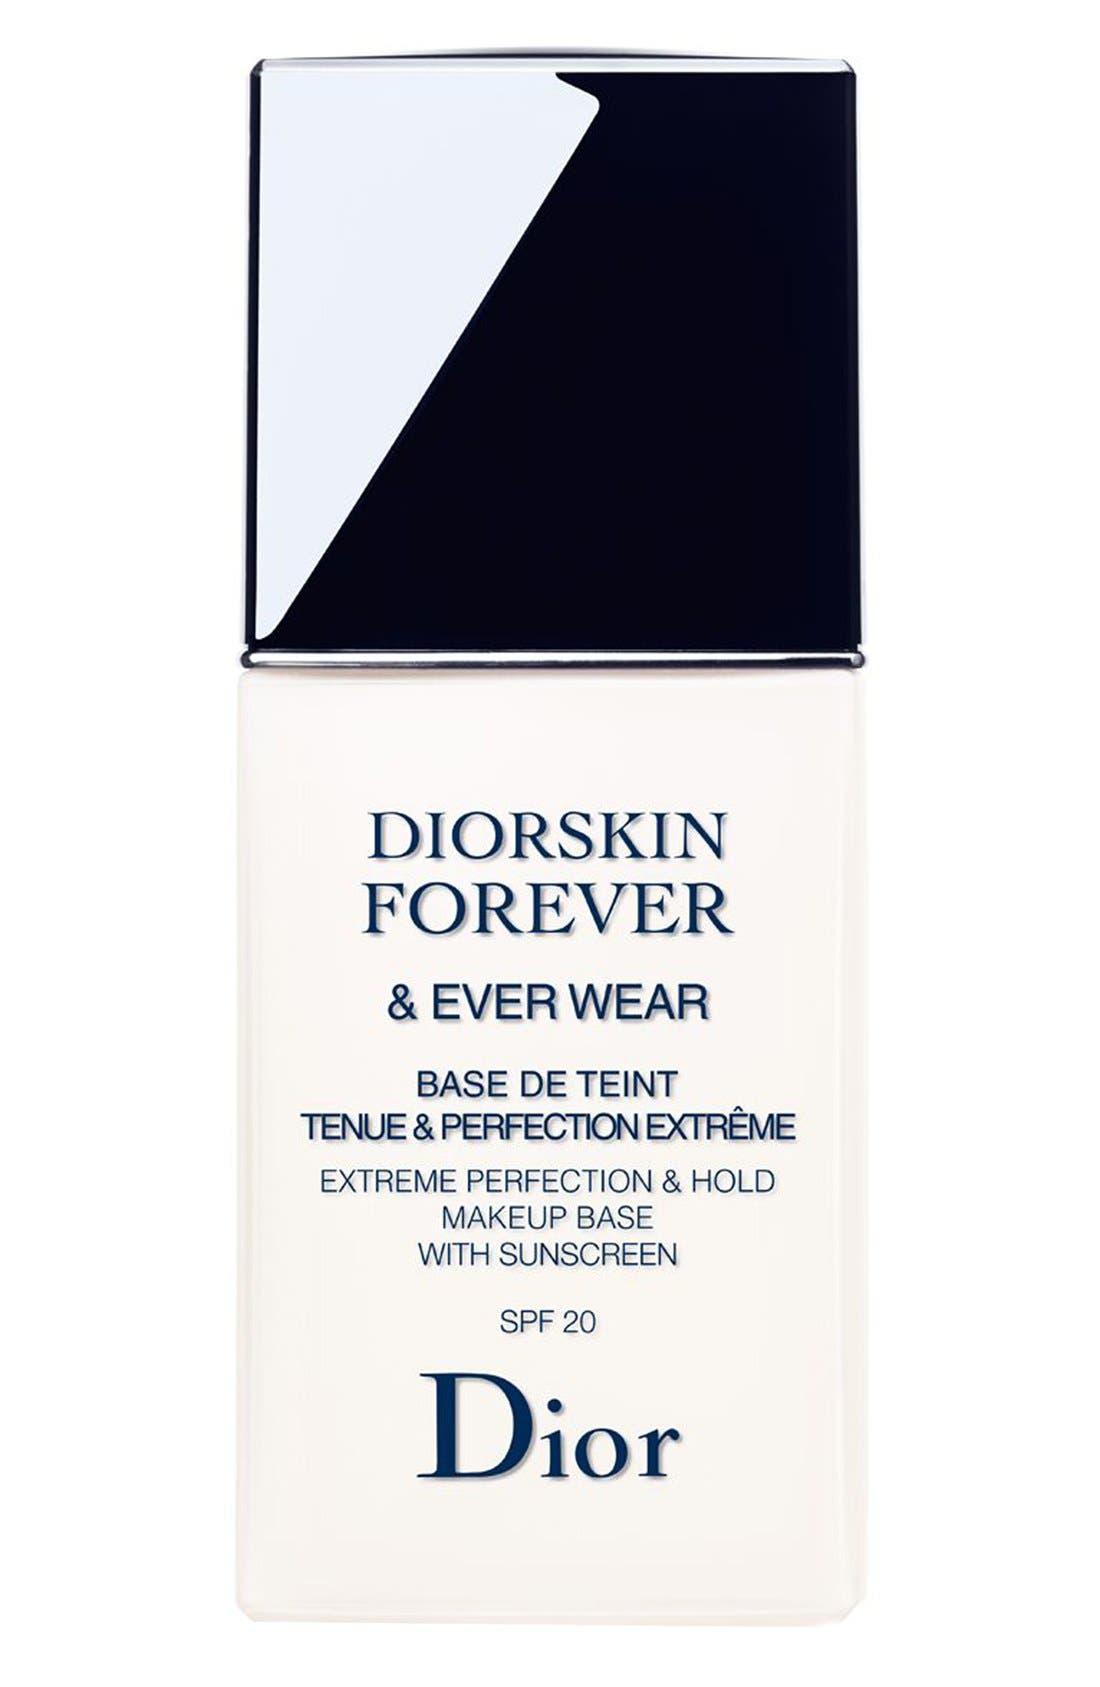 DIOR Diorskin Forever & Ever Wear Makeup Primer SPF 20, Main, color, NO COLOR